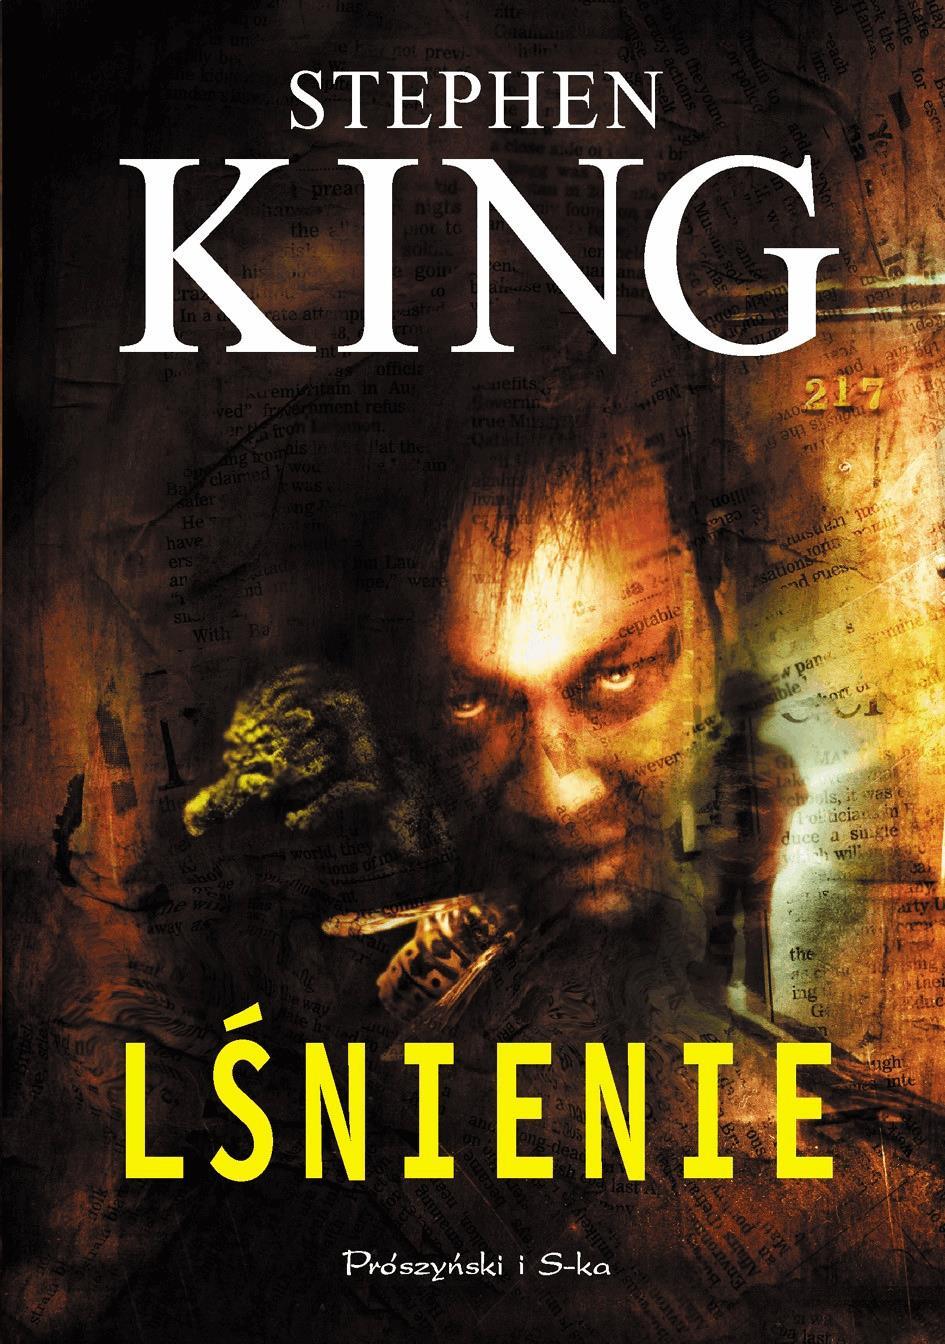 Lśnienie - Tylko w Legimi możesz przeczytać ten tytuł przez 7 dni za darmo. - Stephen King